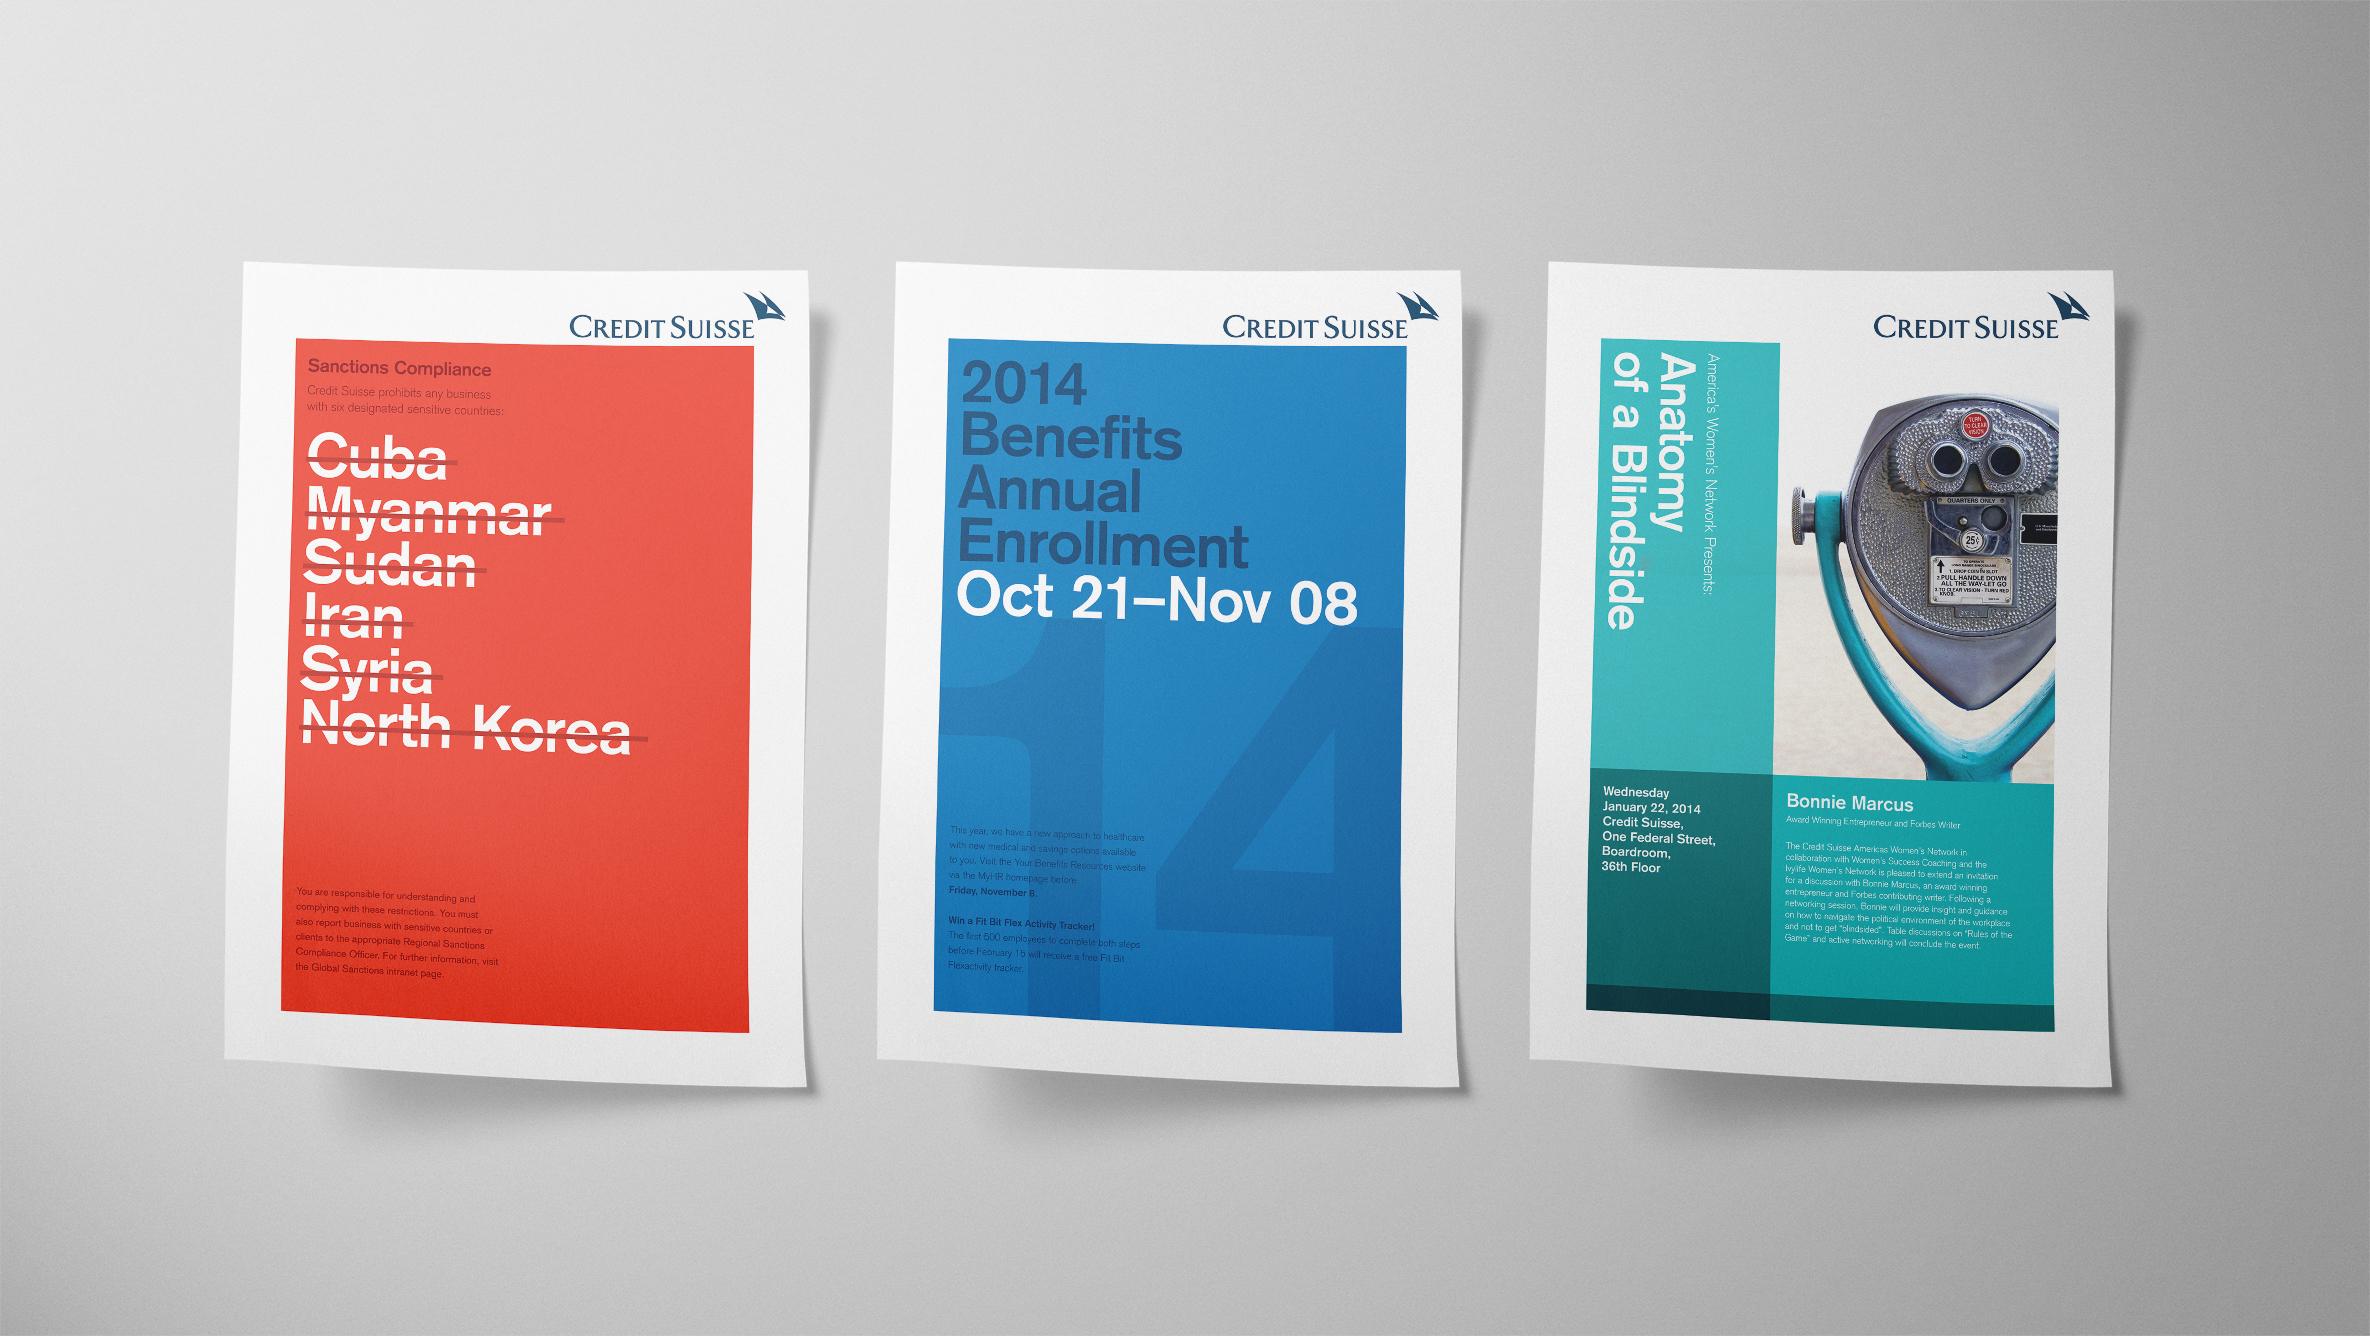 CS_Posters_2-copy@2x